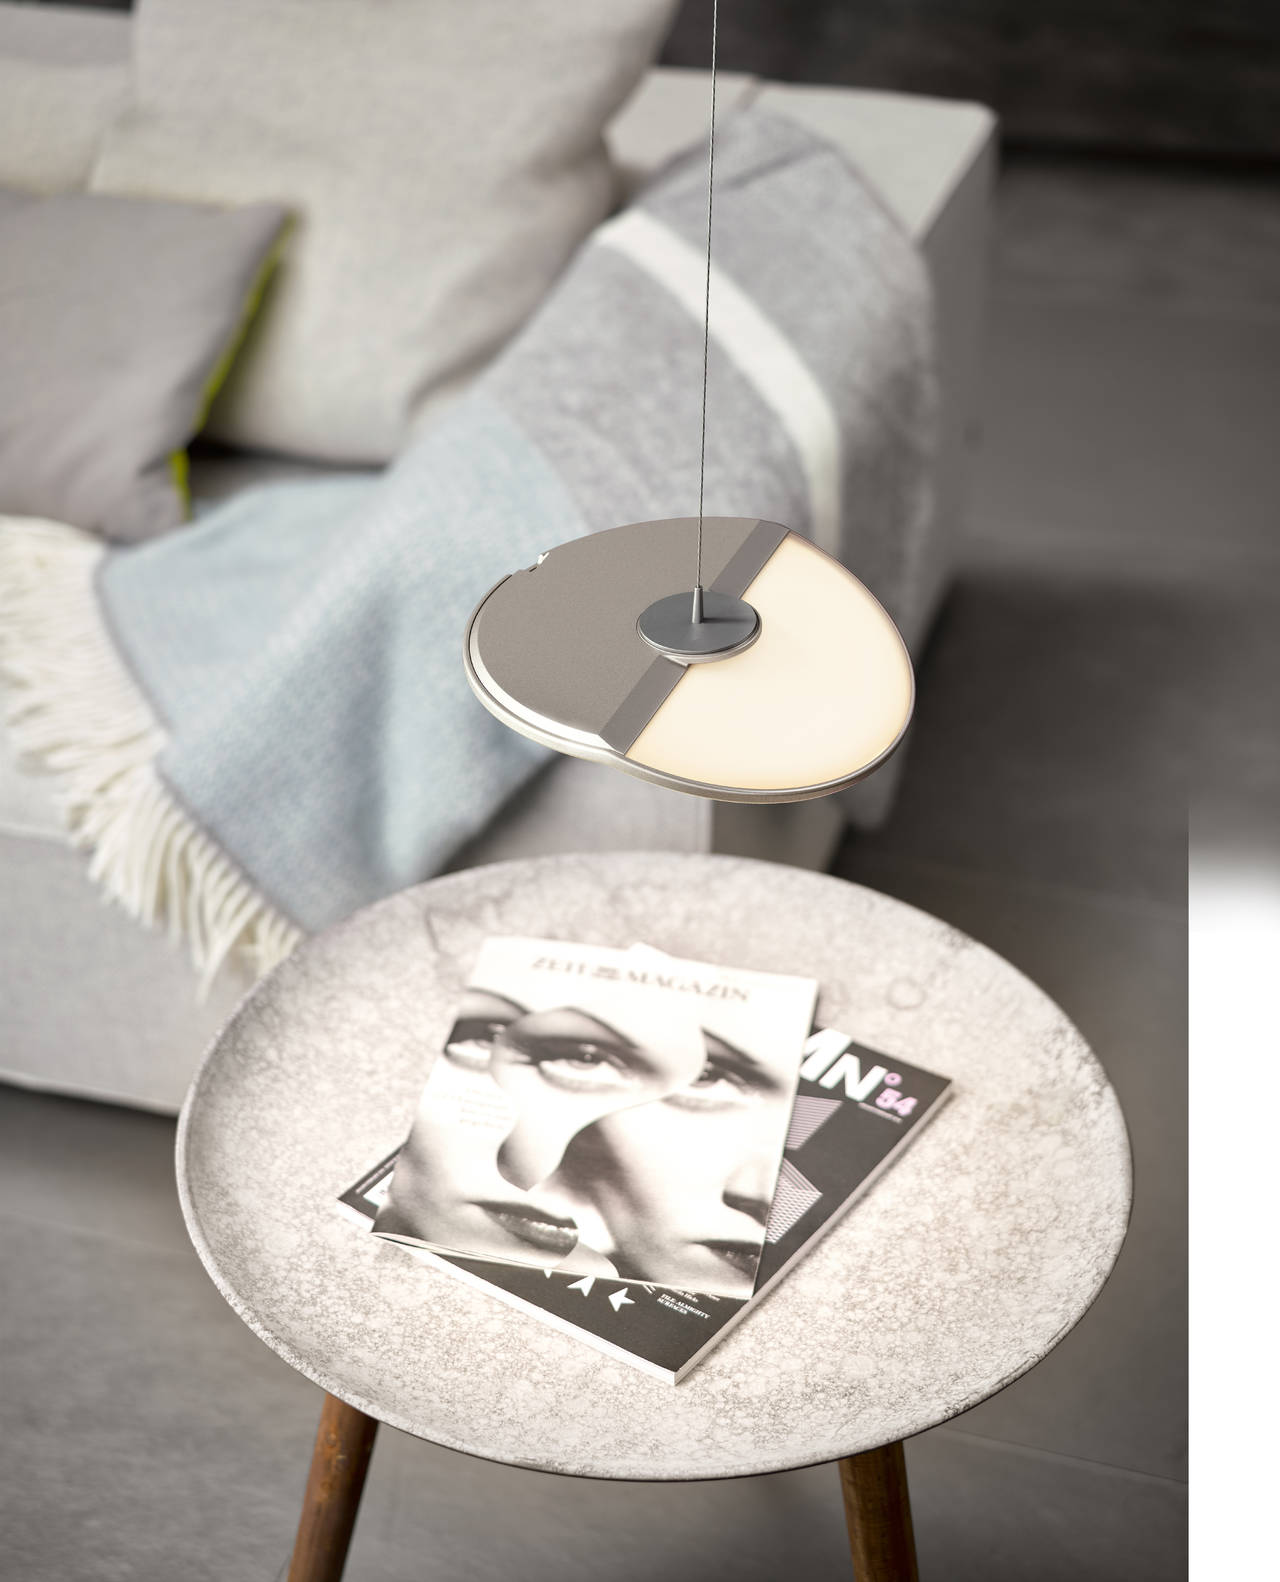 L'utente può decidere in quale punto del soffitto posizionare Gravity CL, per creare ad esempio una soluzione di illuminazione personalizzata per un tavolino (photo by Frank Ockert)